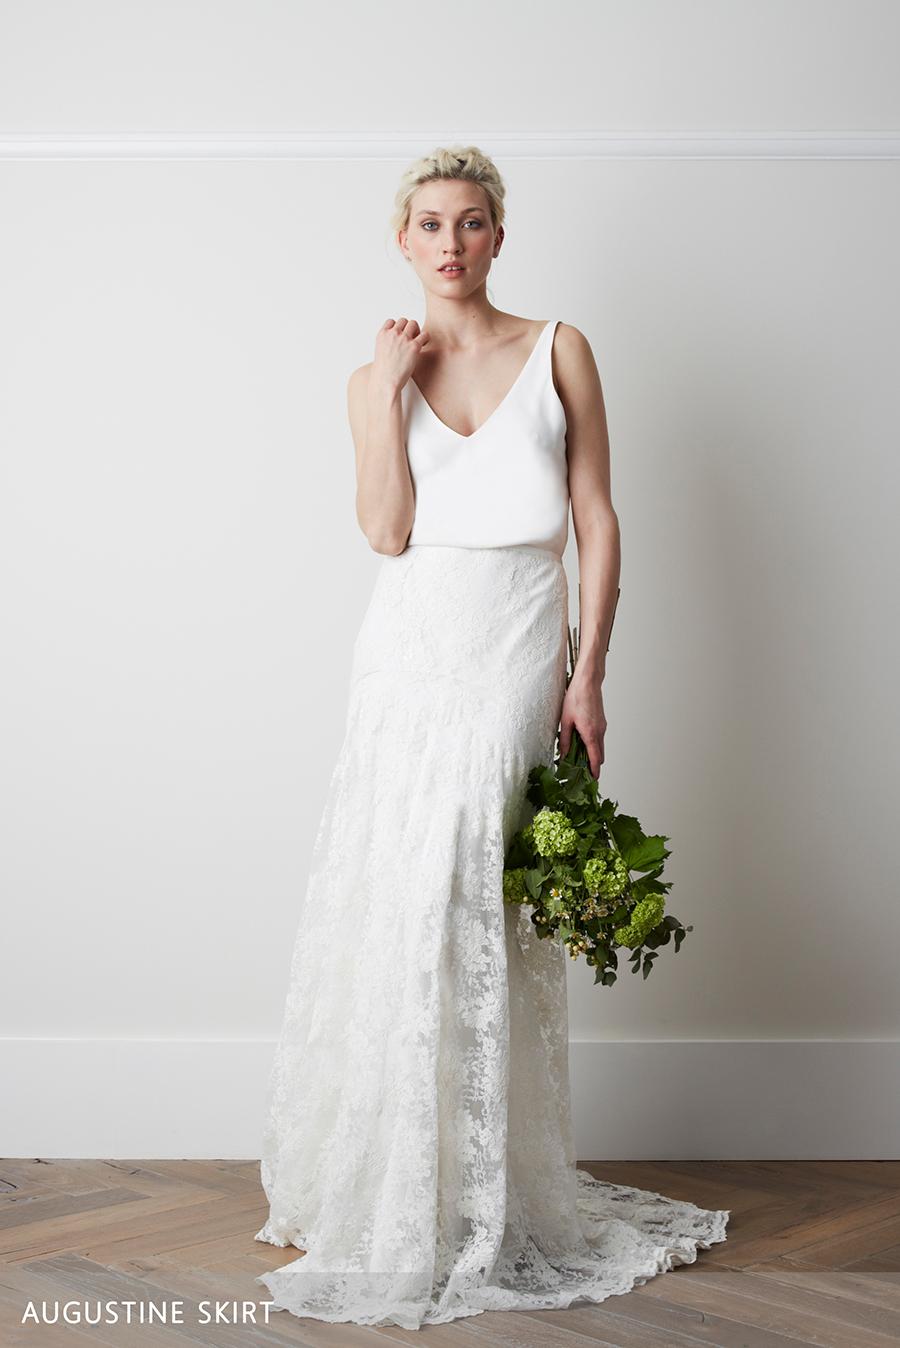 Brautkleider von Charlie Brear | Friedatheres.com